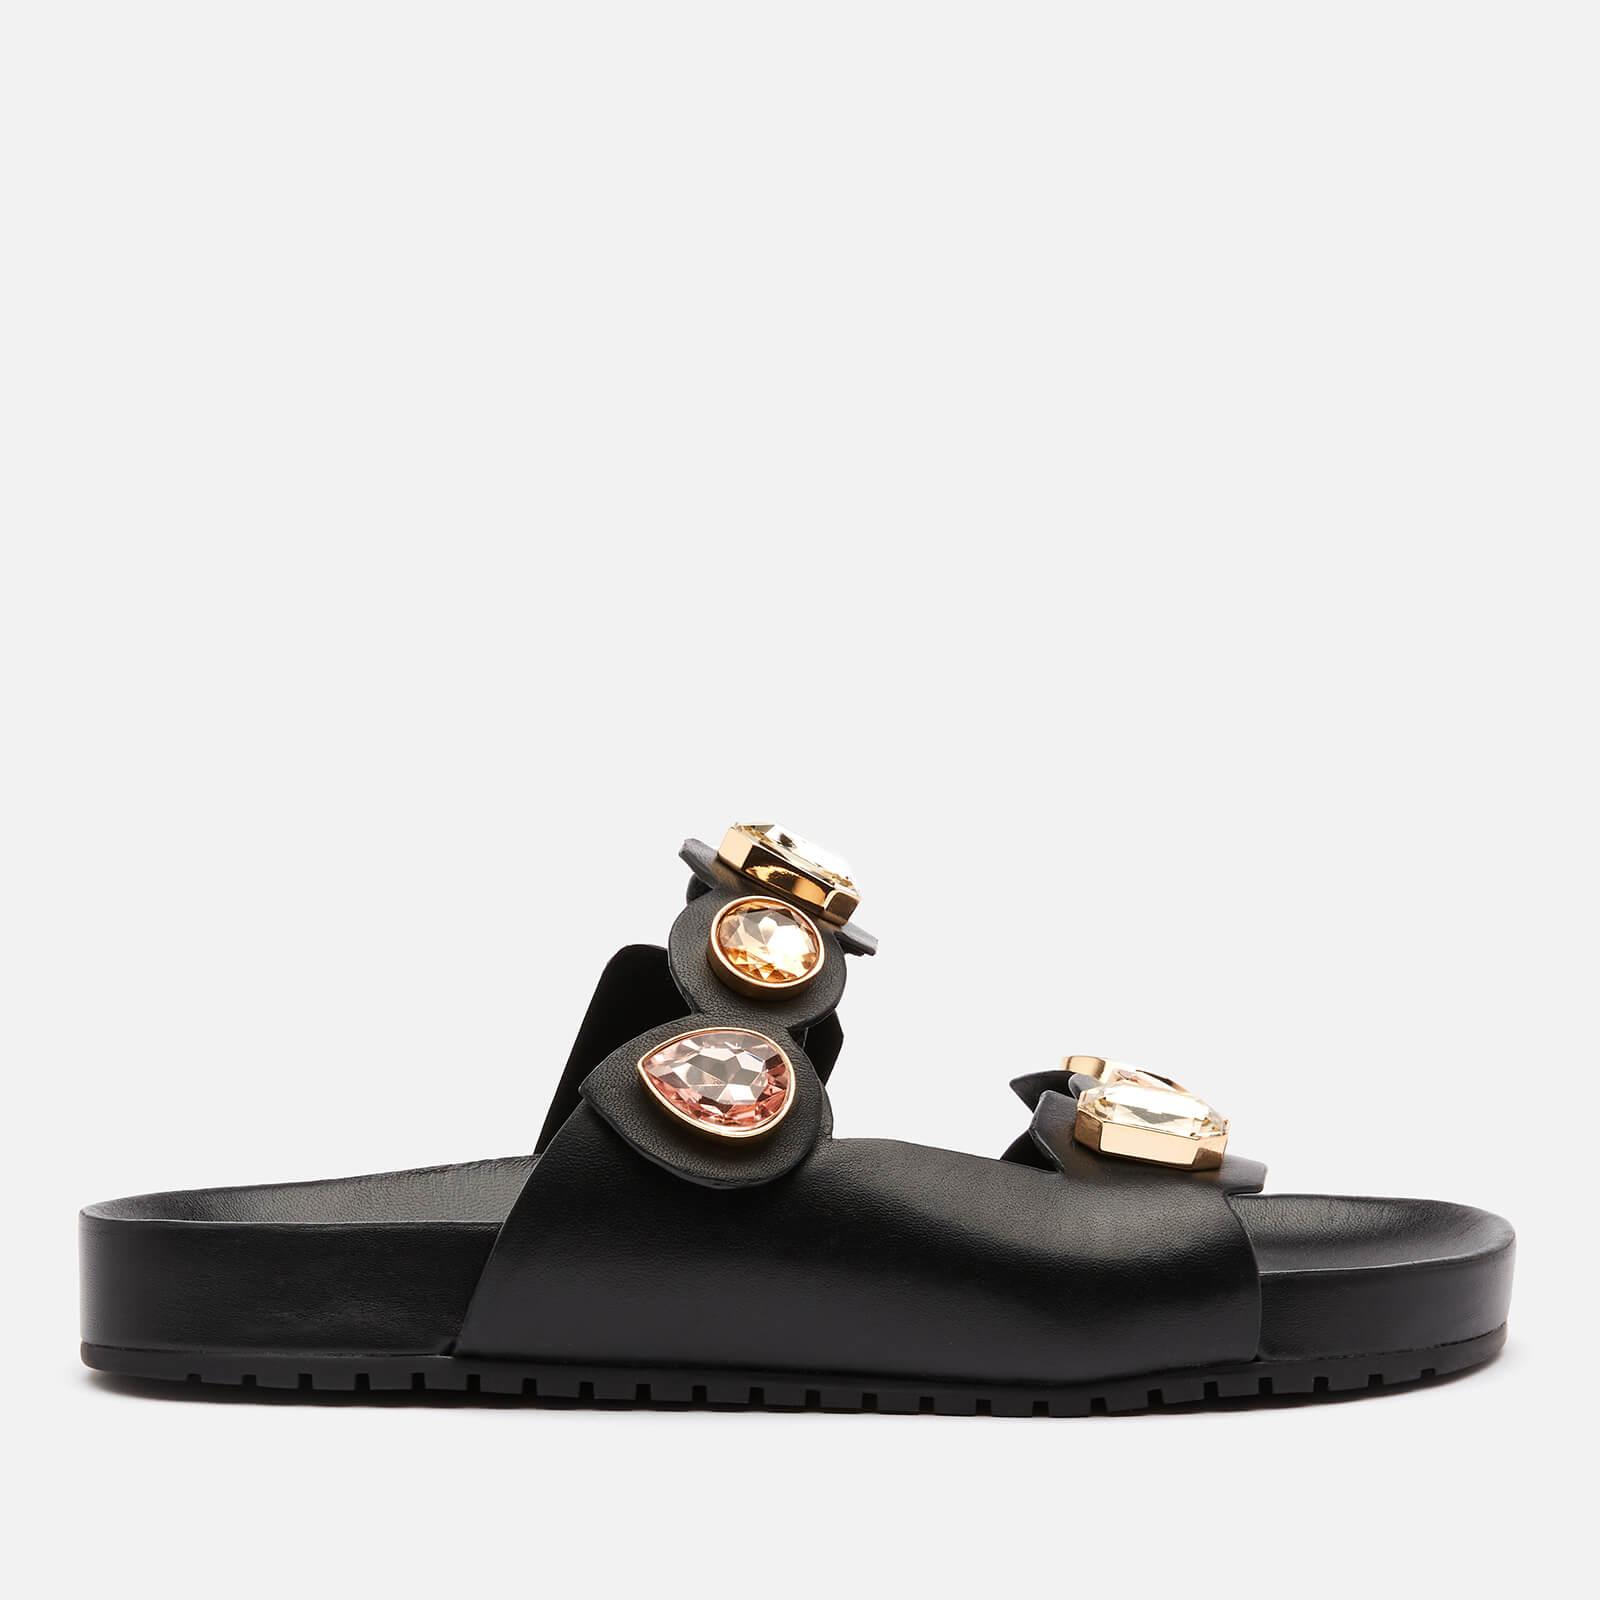 Sophia Webster Women's Ritzy Slide Sandals - Black/Gold